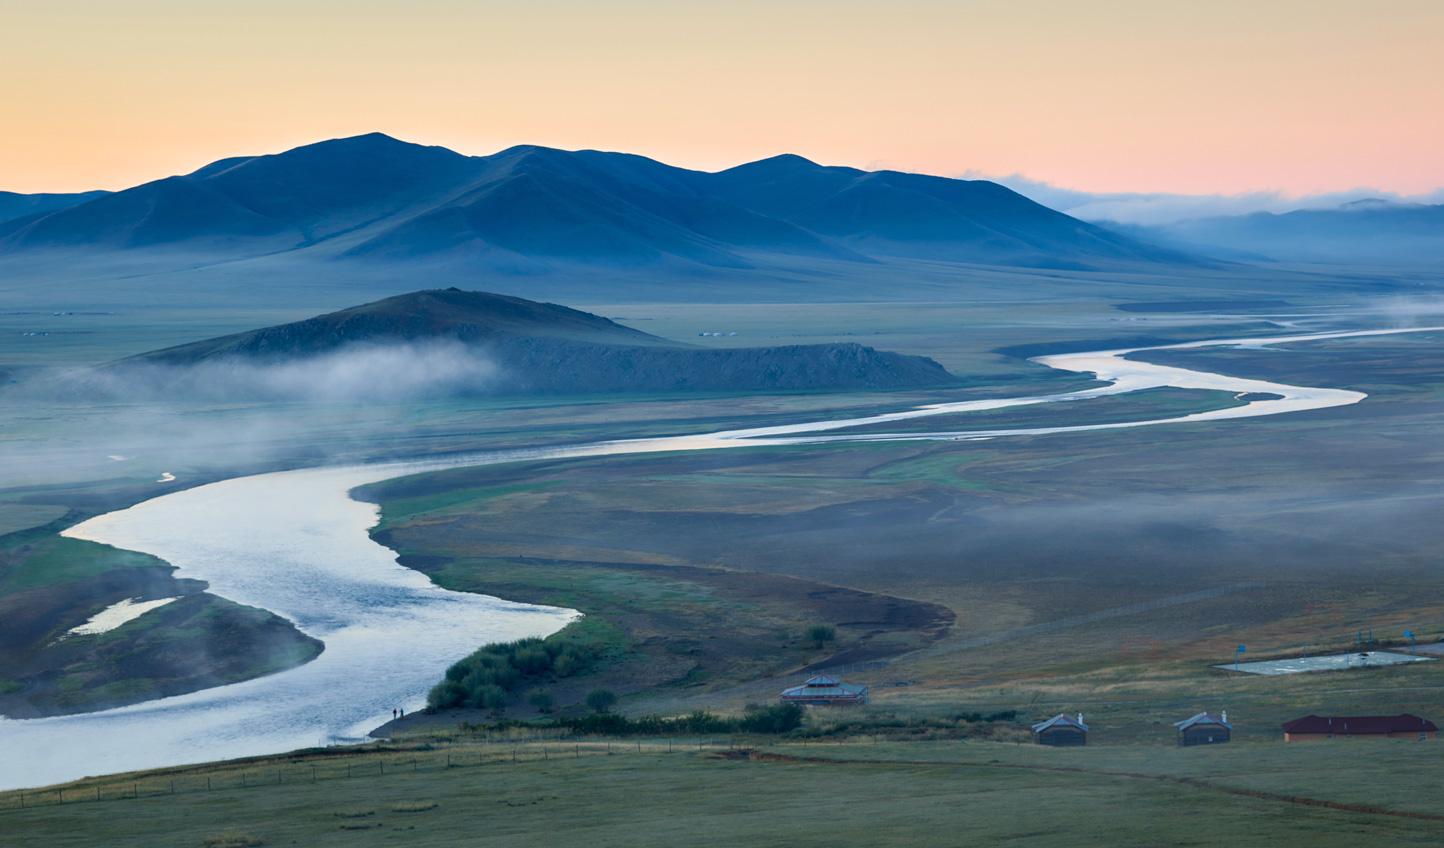 Eastern-Mongolia